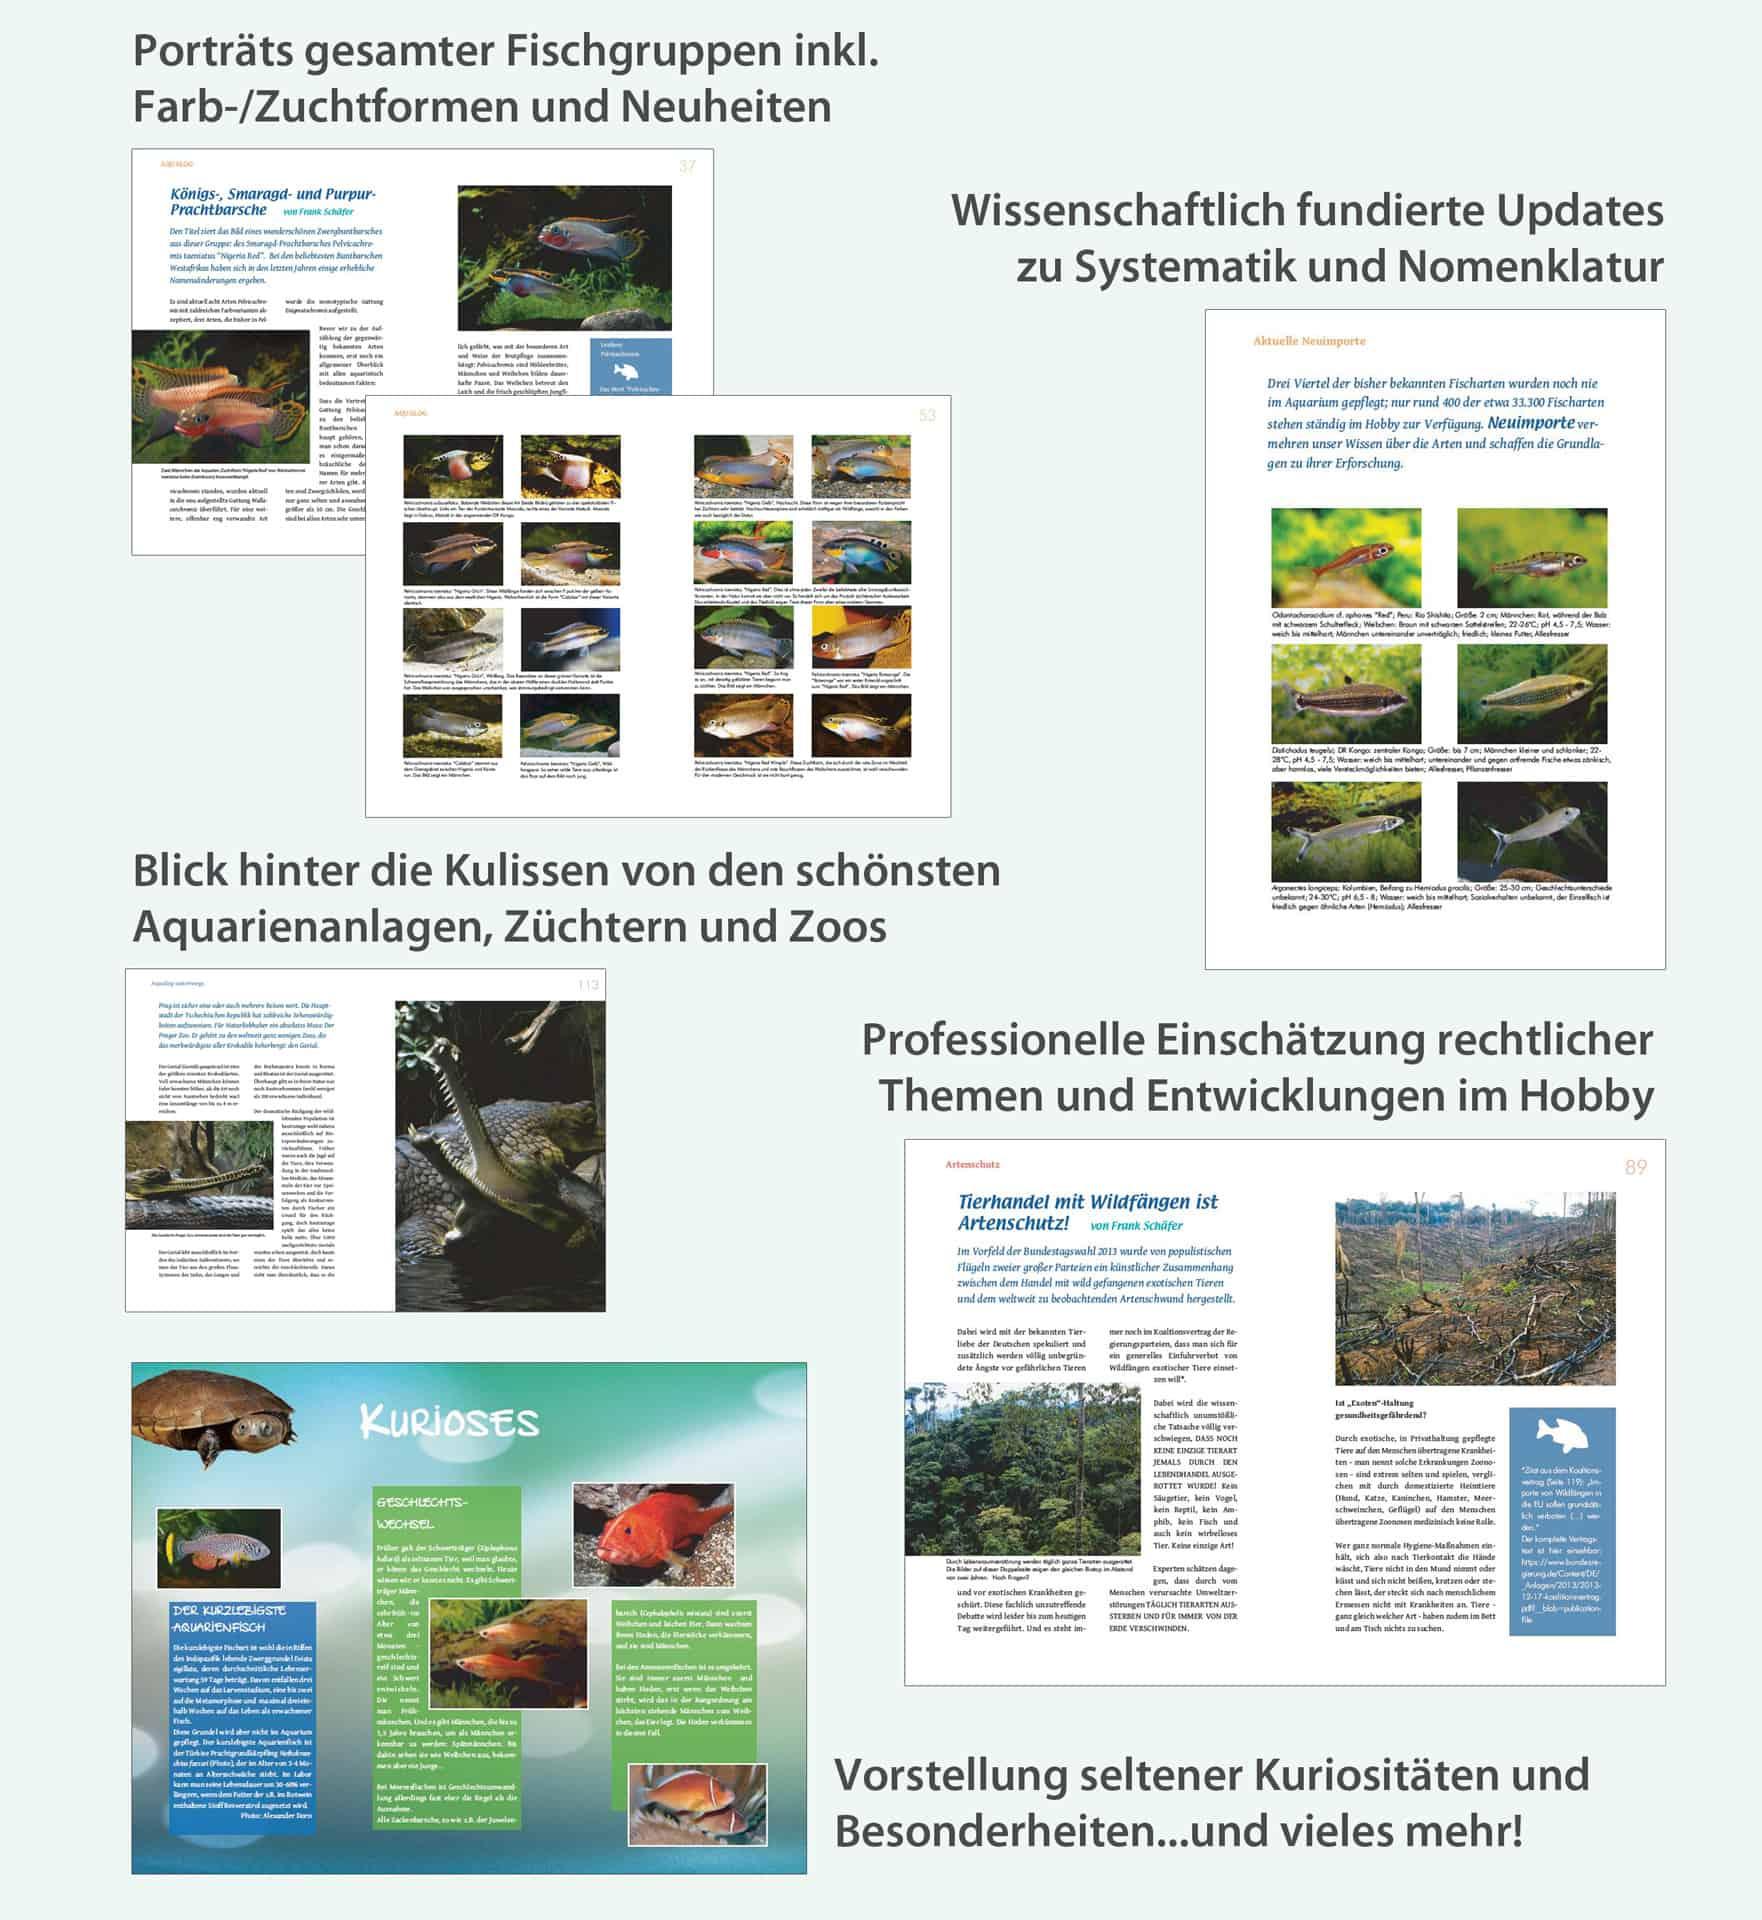 Quelle: Aqualog animalbook GmbH